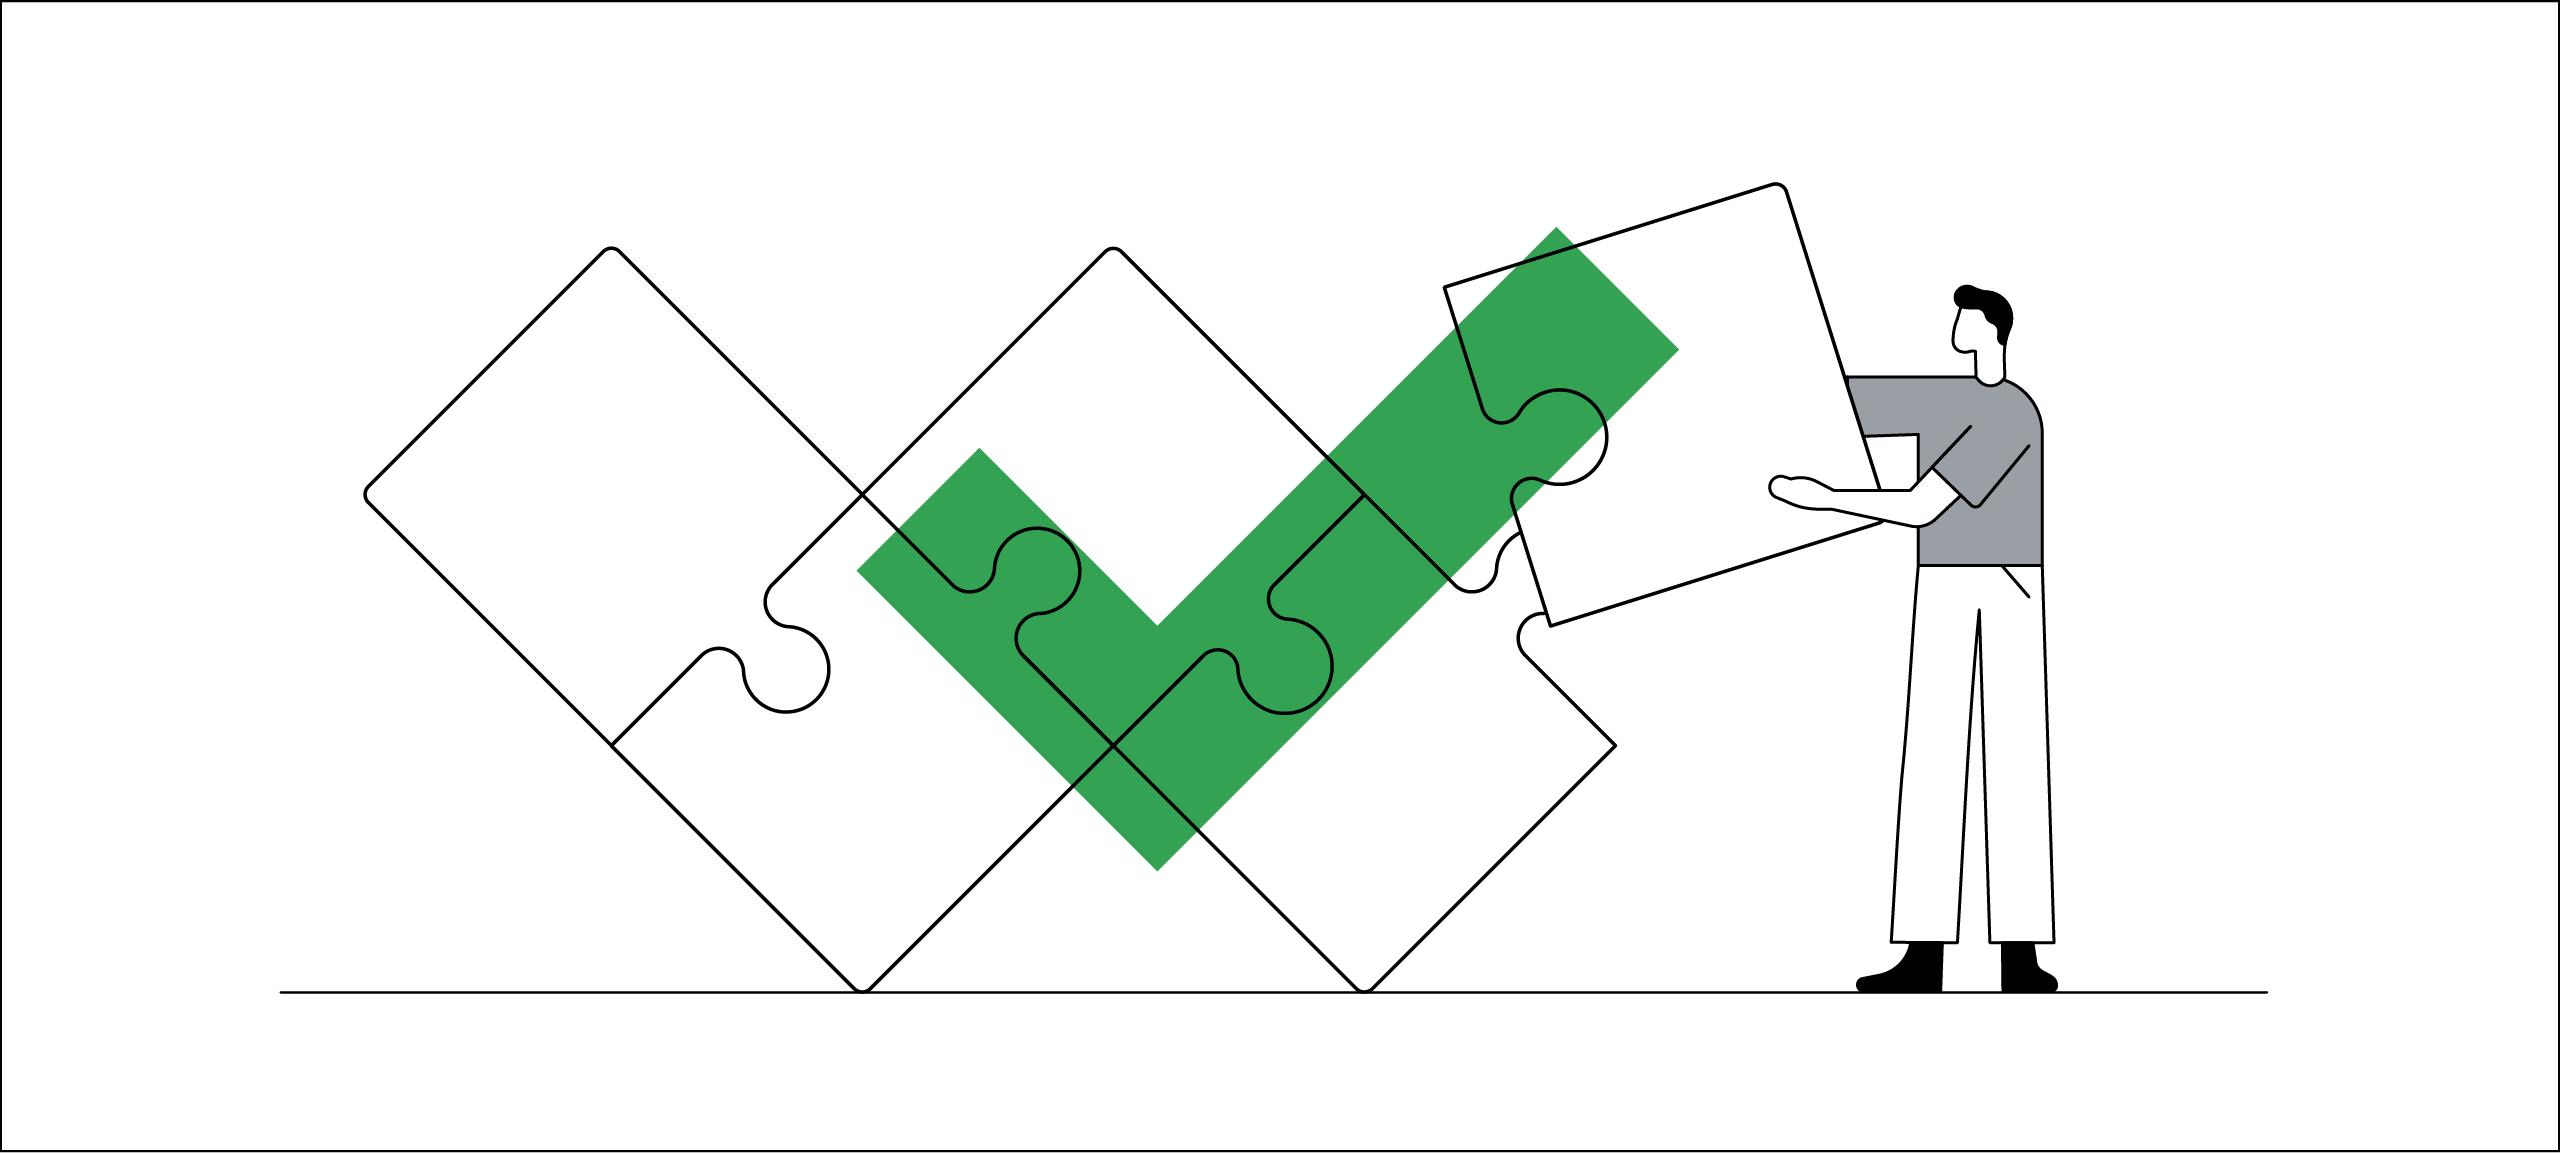 Un disegno a mano libera illustra la risoluzione dei problemi. Un uomo dai capelli neri aggiunge la tessera finale di un puzzle formato gigante. Un segno di spunta verde è sovrapposto al puzzle a forma di W per indicare che è stato completato.